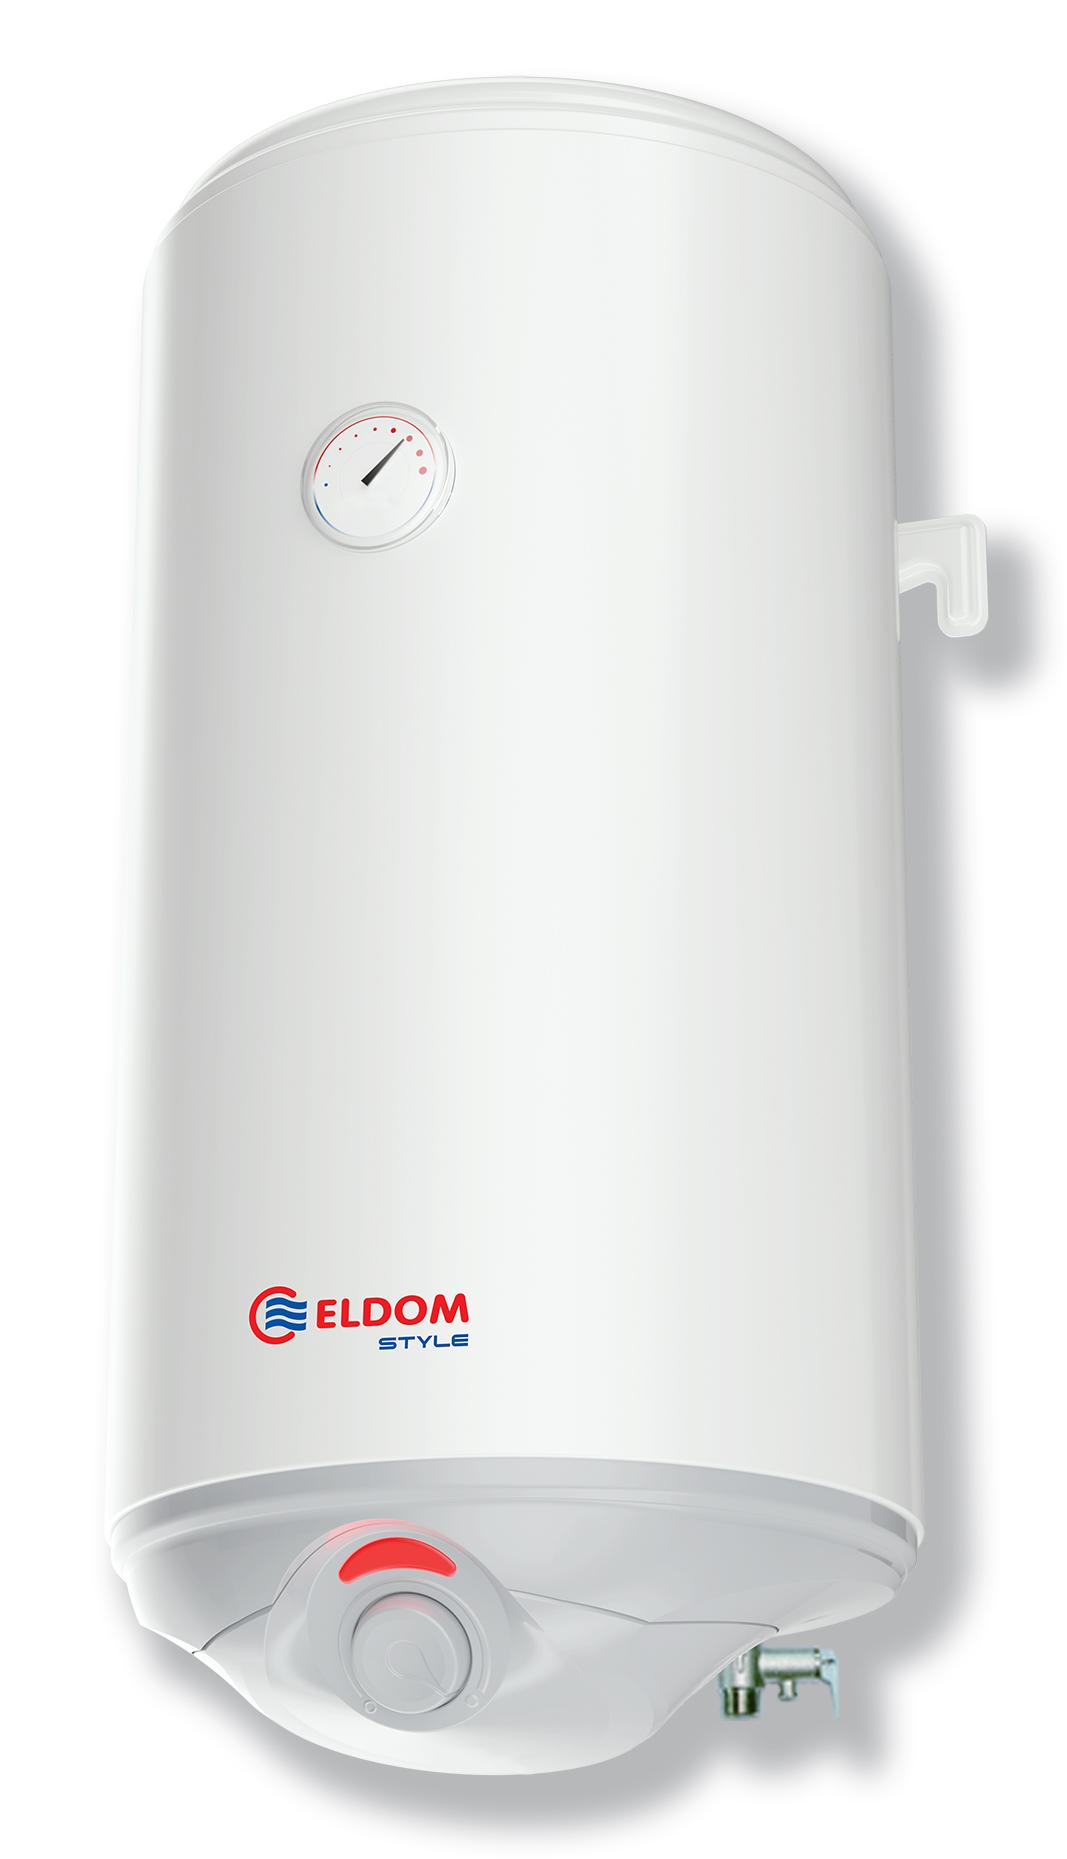 B-Ware Warmwasserspeicher Eldom Style 50 Liter druckfest - Kabel mit Stecker